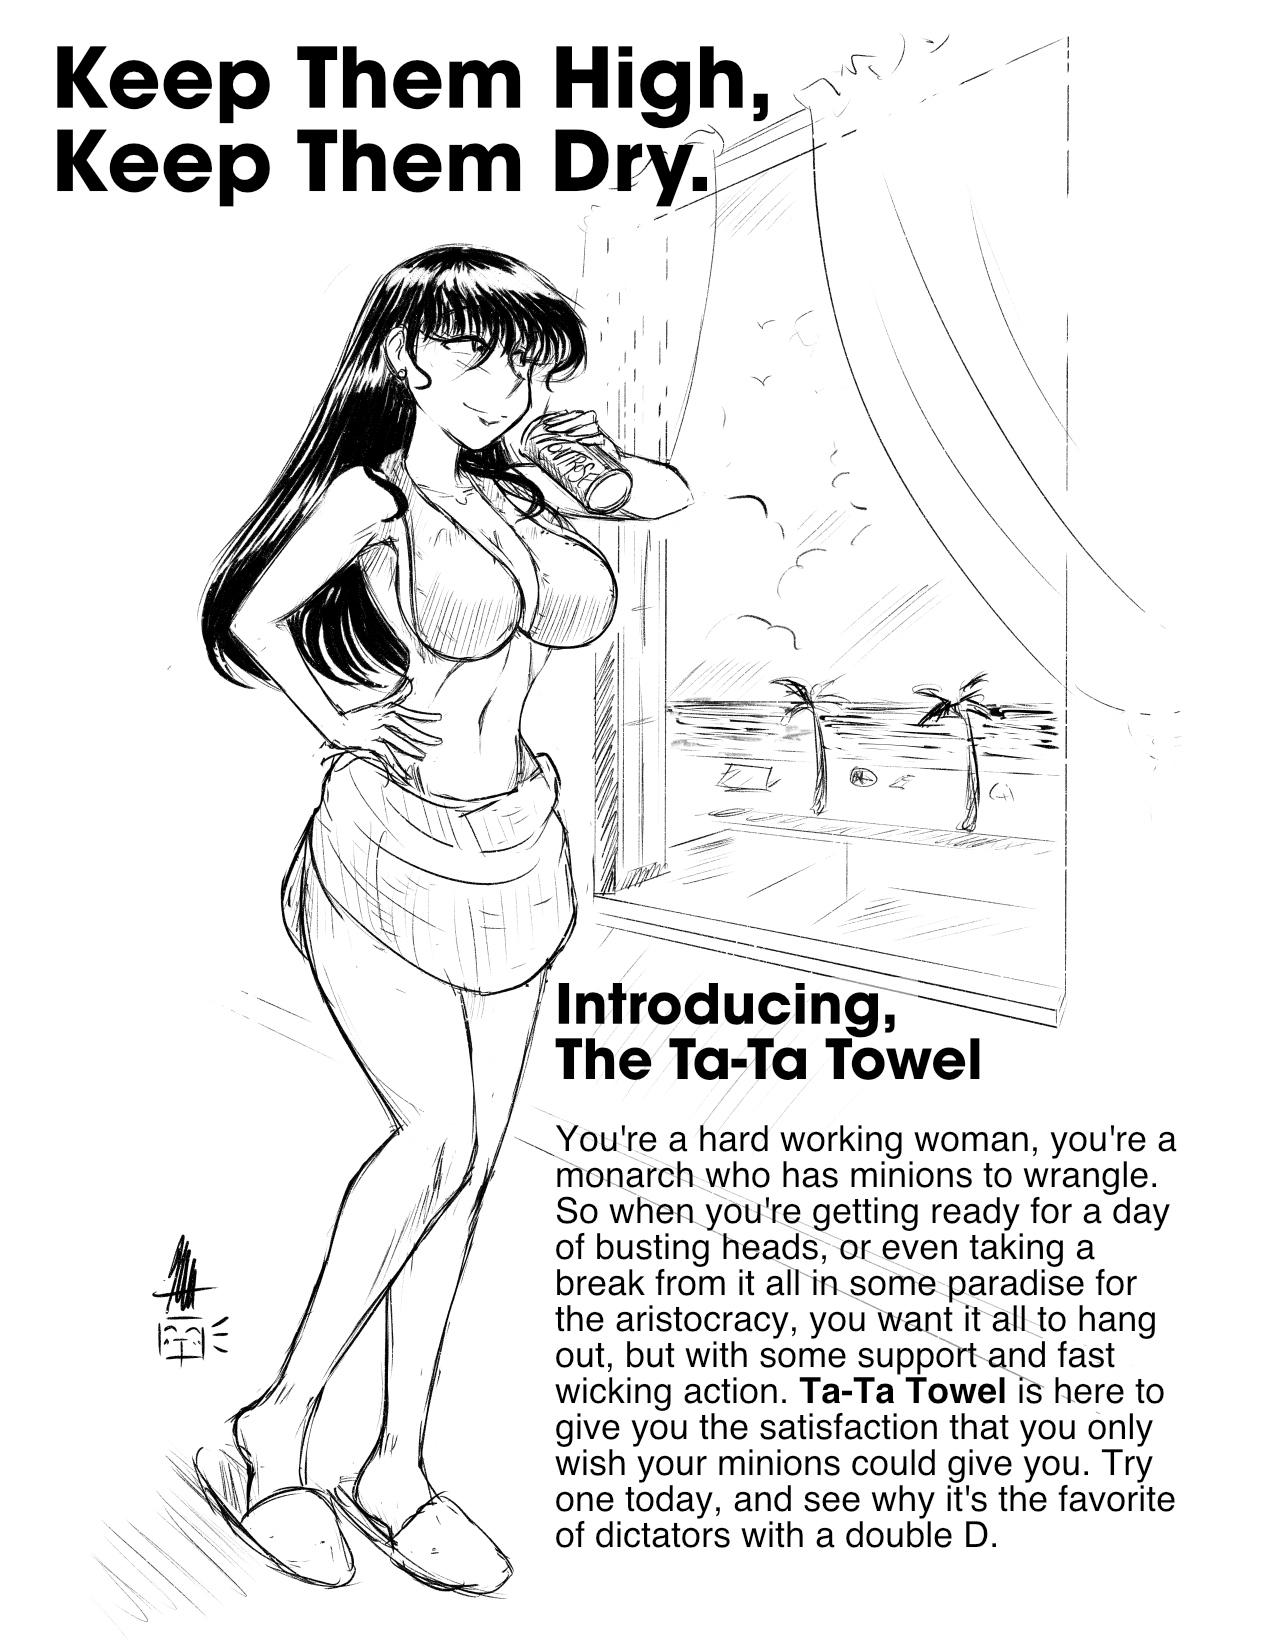 Parody Ta-Ta Towel Ad